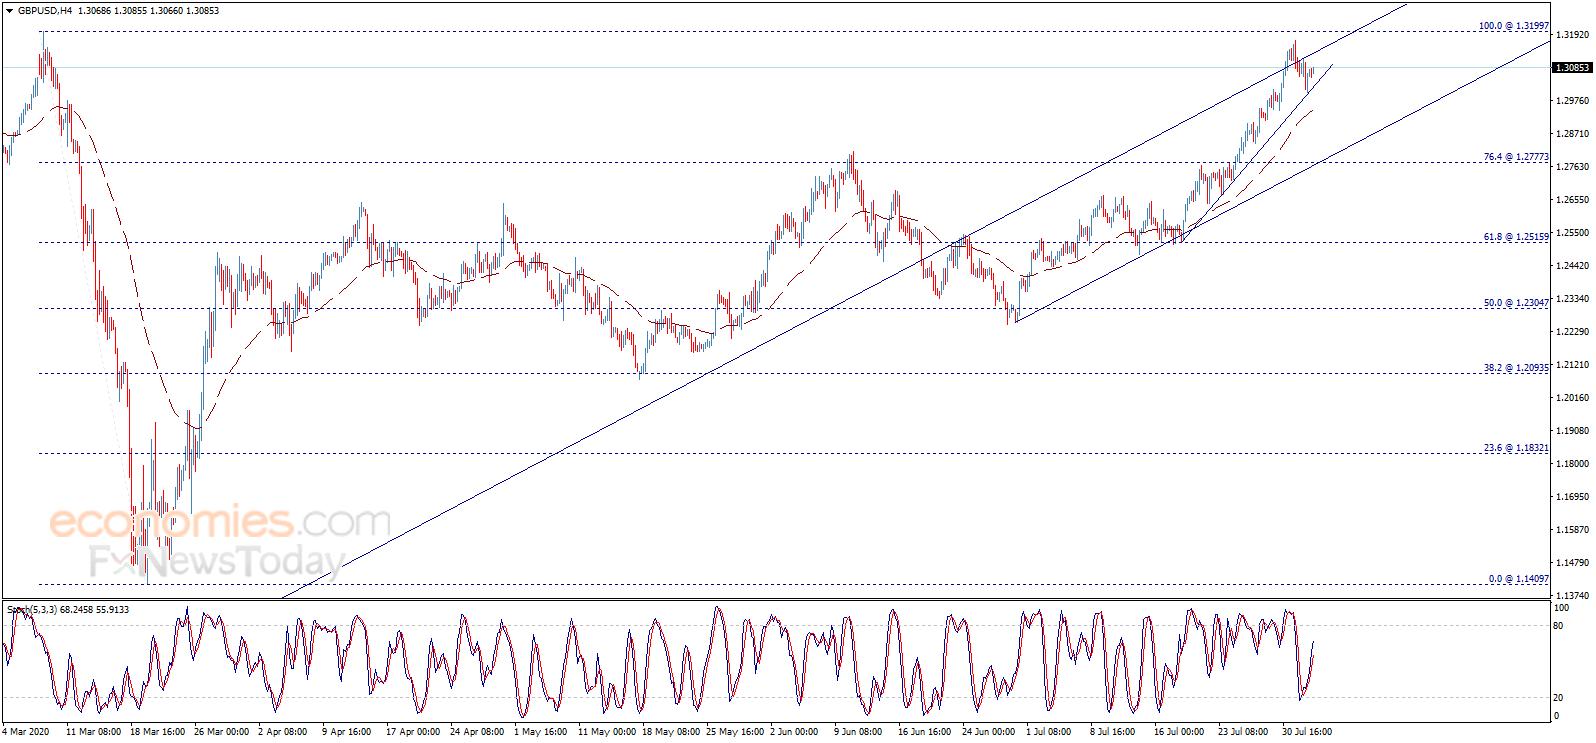 美元刚刚又跌了!若突破这一阻力、金价有望大涨 欧元、英镑、日元和黄金最新日内交易分析